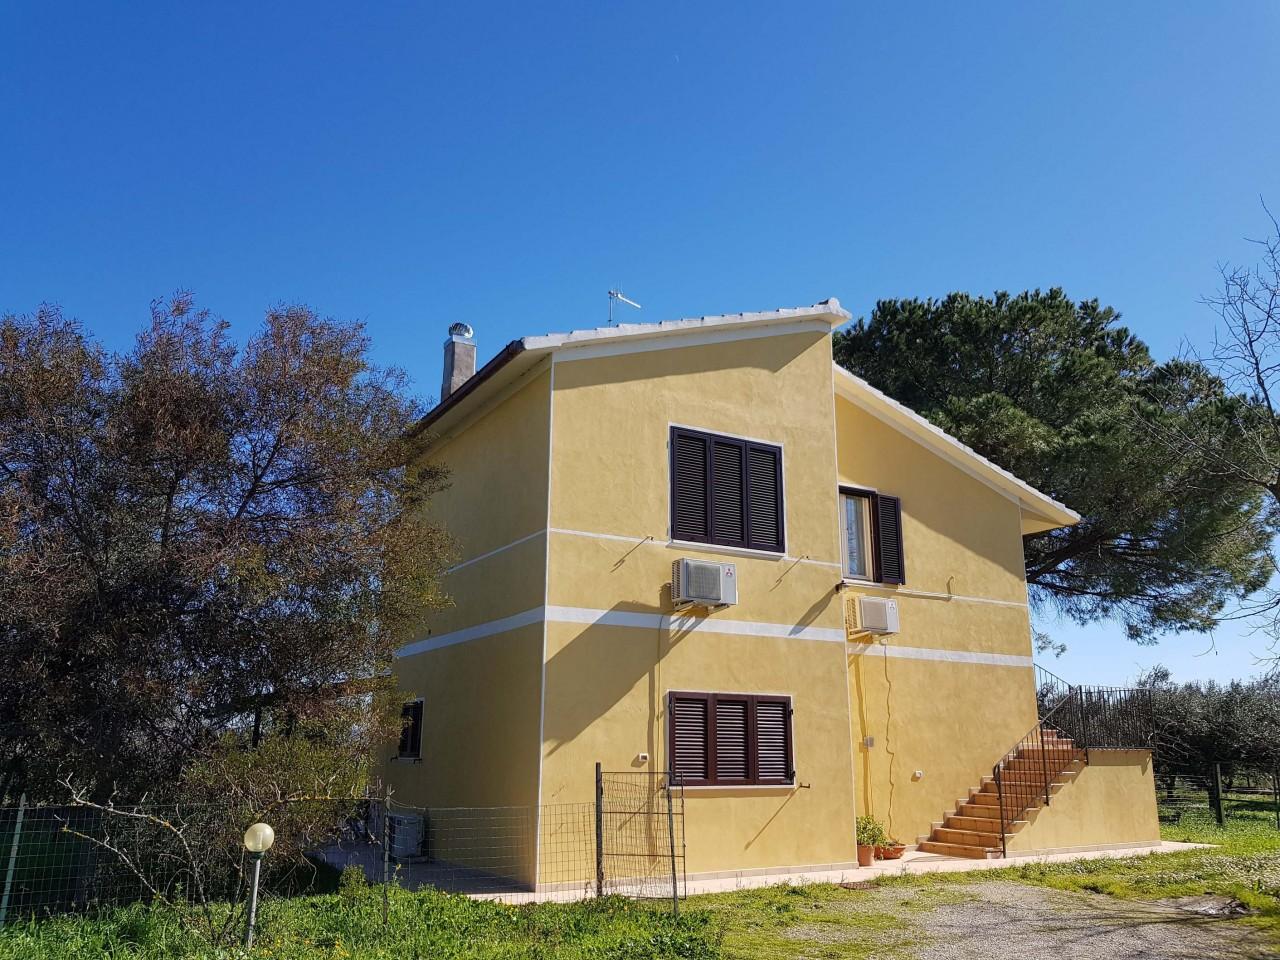 Villa in vendita a Grosseto, 8 locali, Trattative riservate | CambioCasa.it